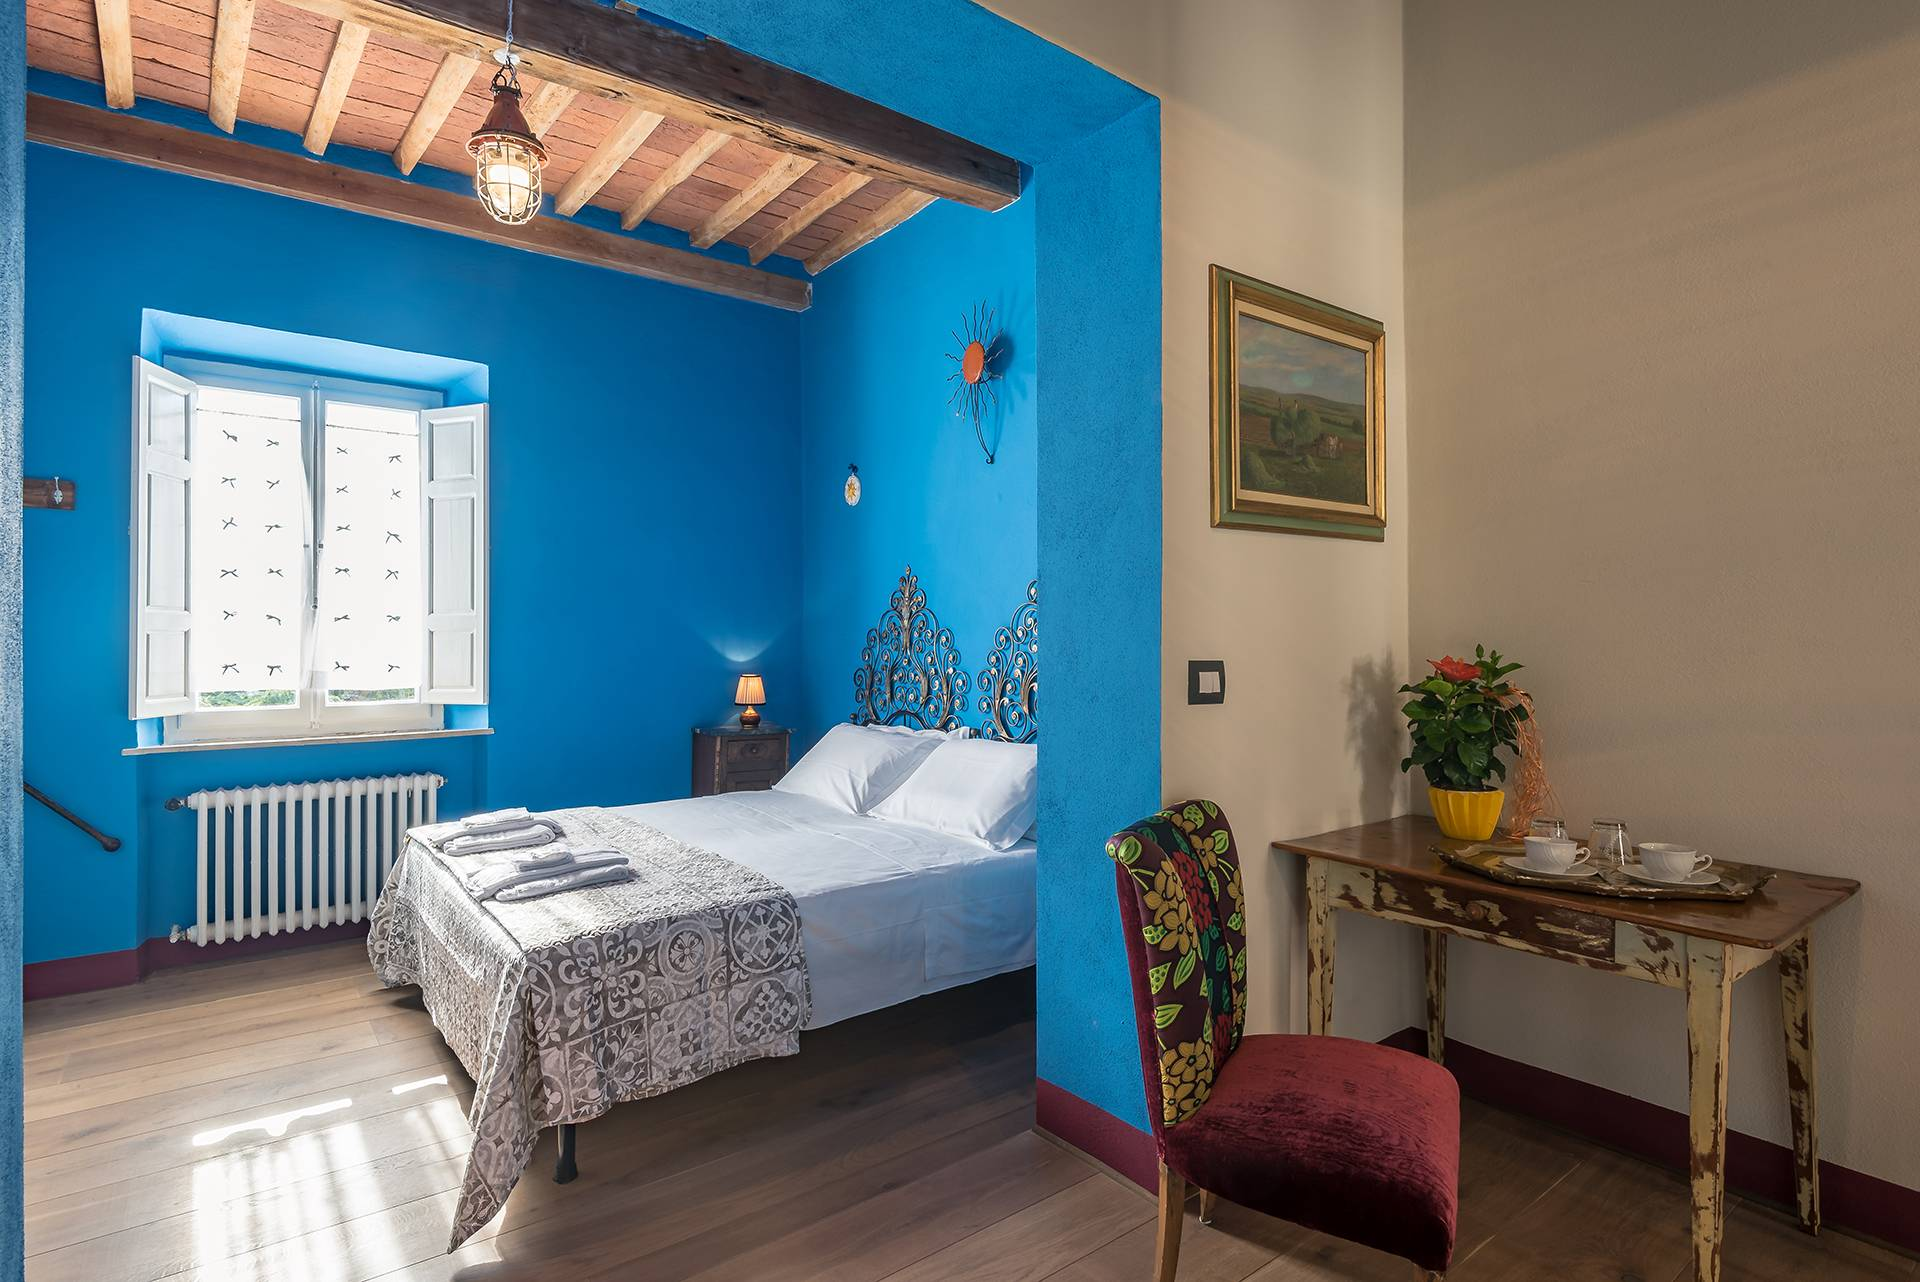 Camera Montecristo - Bed & Breakfast CivicoUno Campiglia